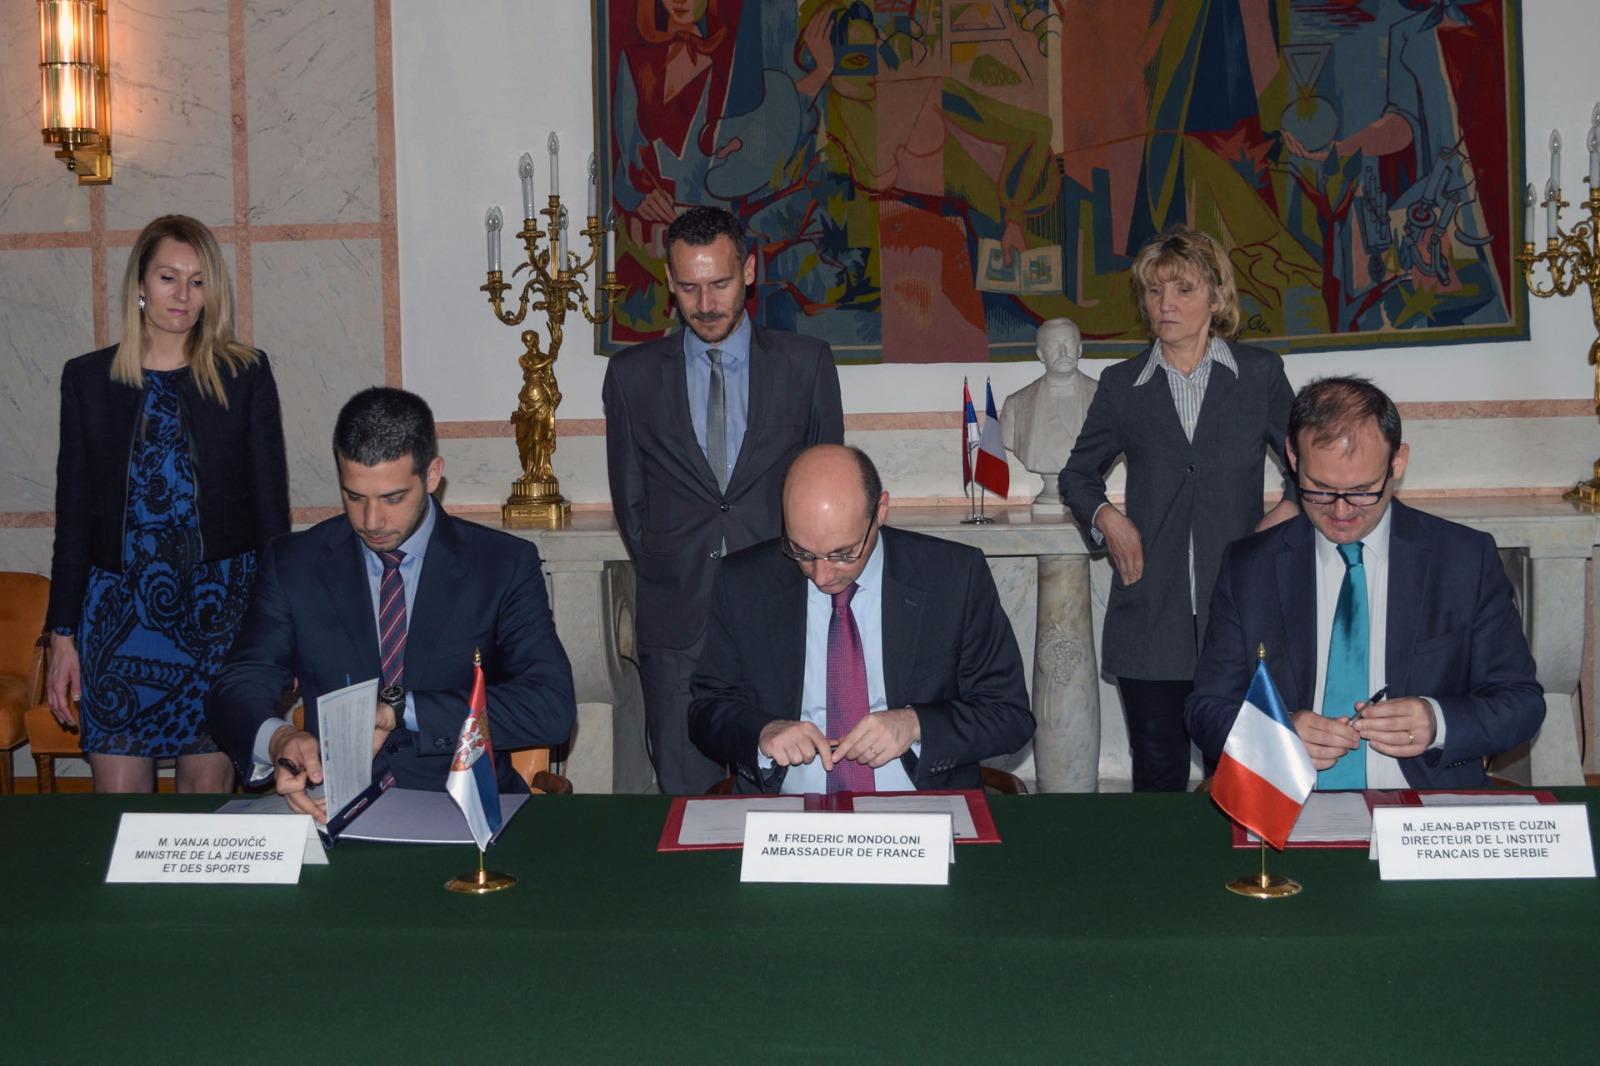 Министар Удовичић потписао споразум са амбасадором Француске и директором Француског института